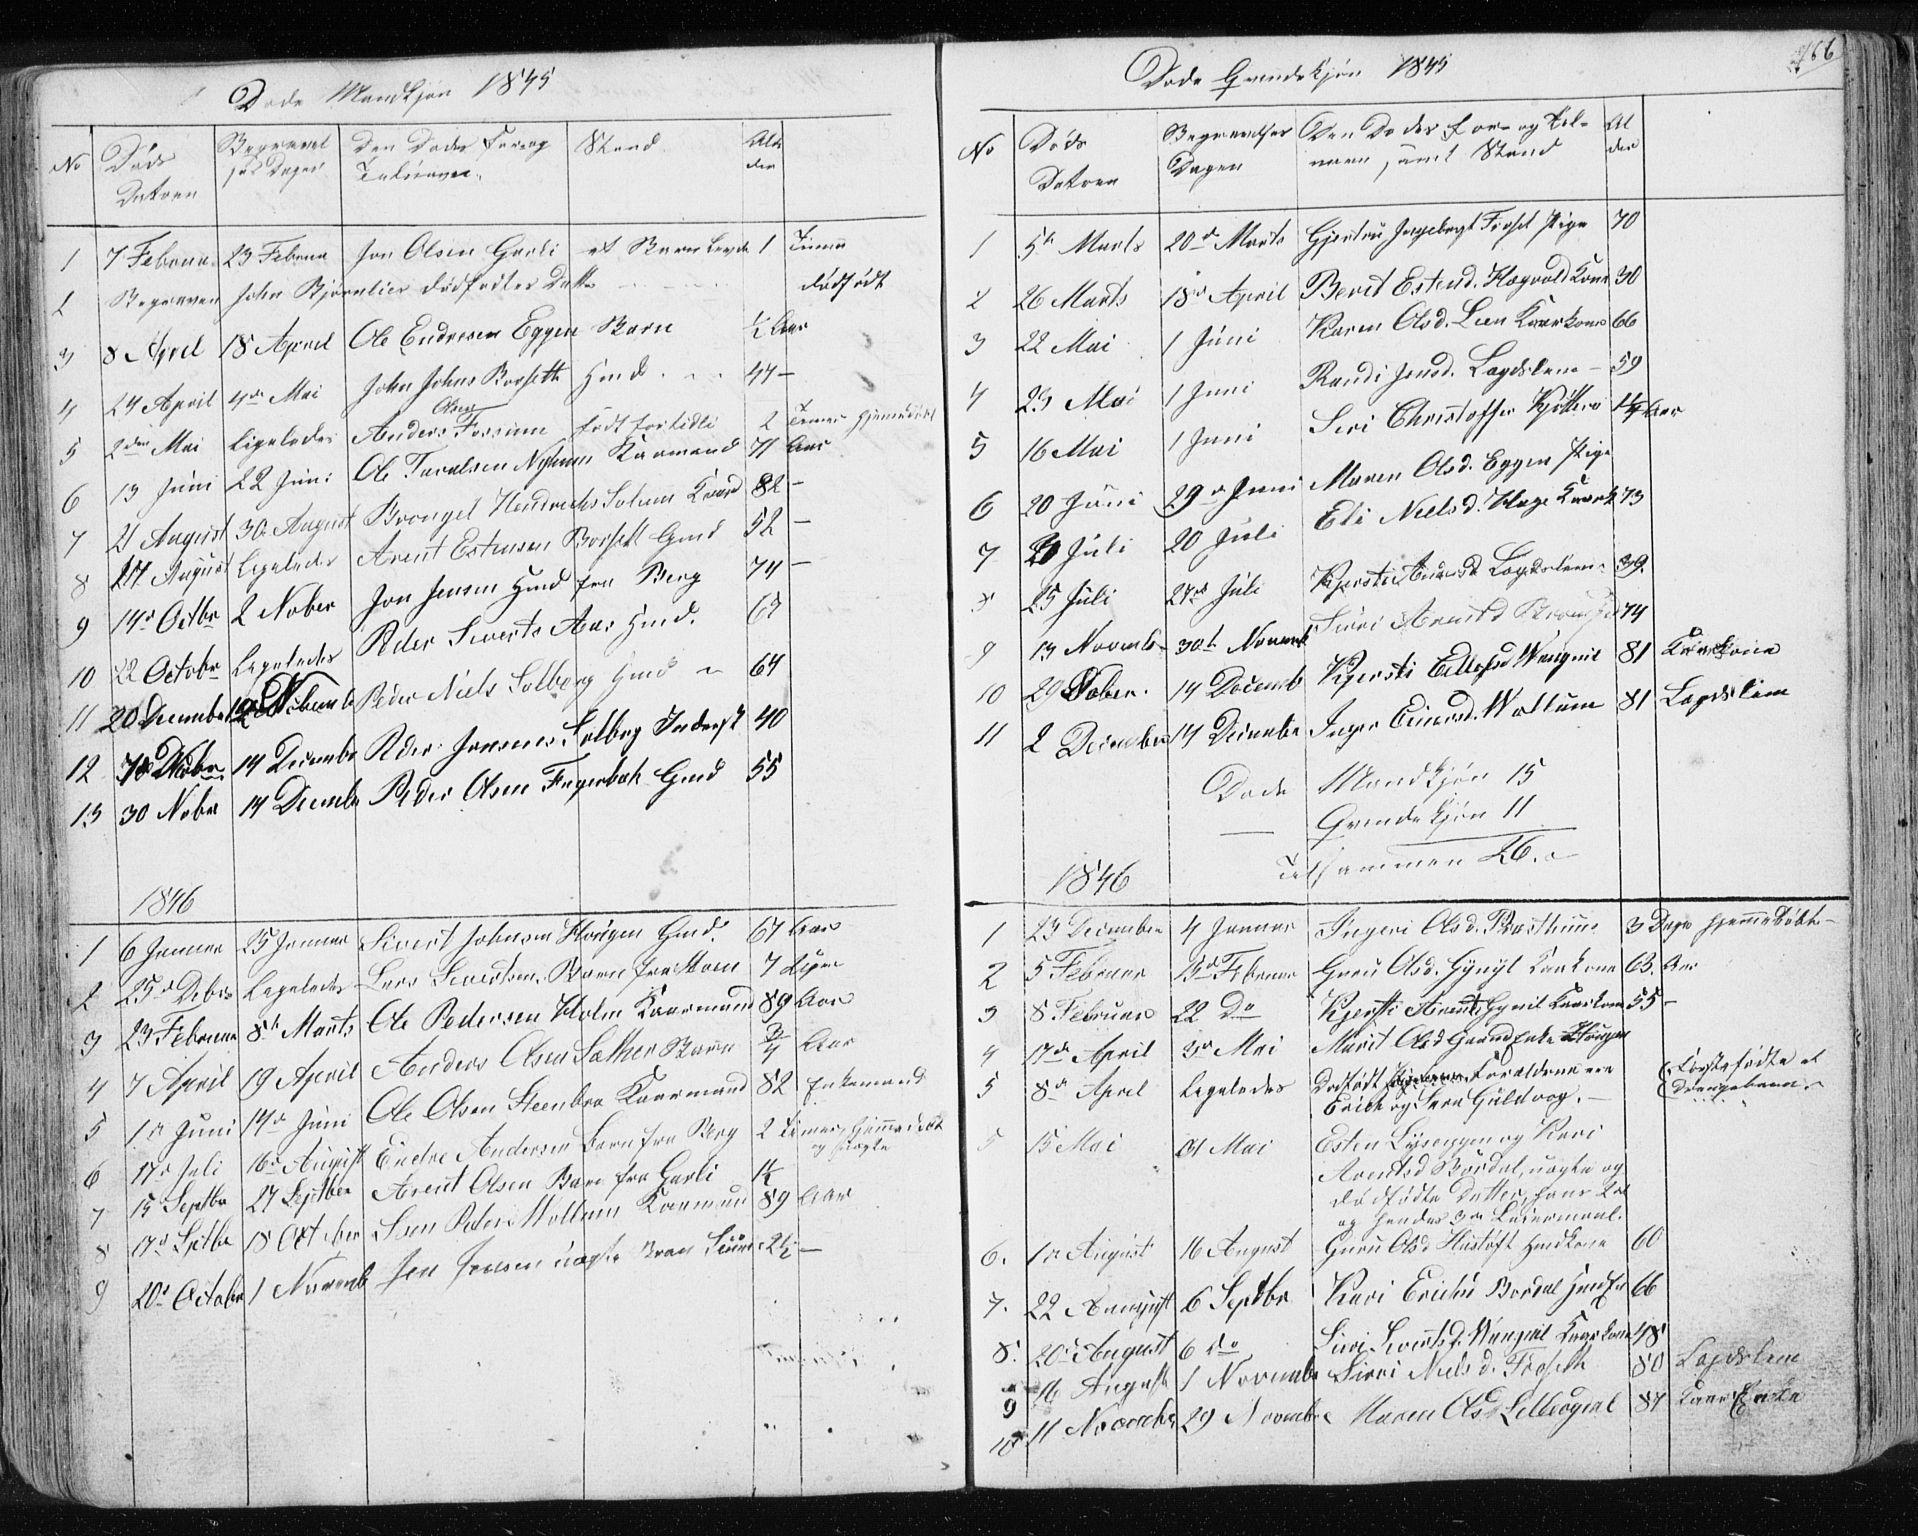 SAT, Ministerialprotokoller, klokkerbøker og fødselsregistre - Sør-Trøndelag, 689/L1043: Klokkerbok nr. 689C02, 1816-1892, s. 166